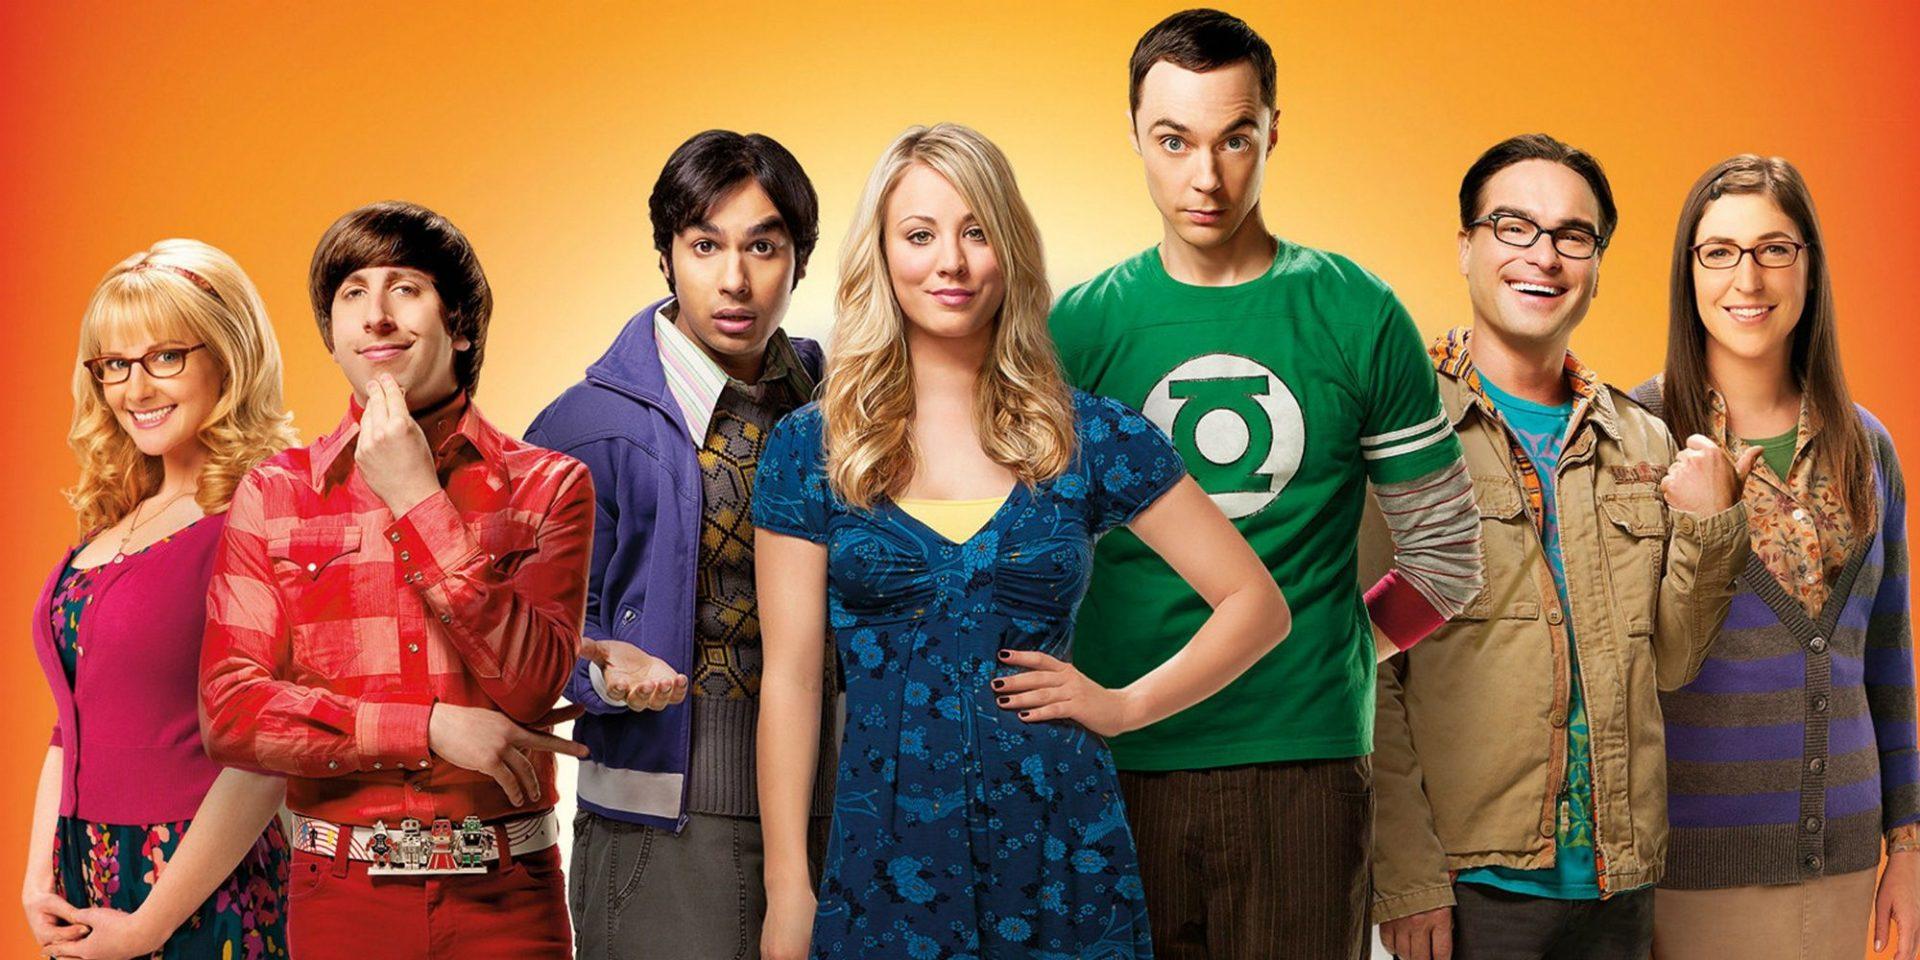 Ator de The Big Bang Theory muda de visual e fica irreconhecível